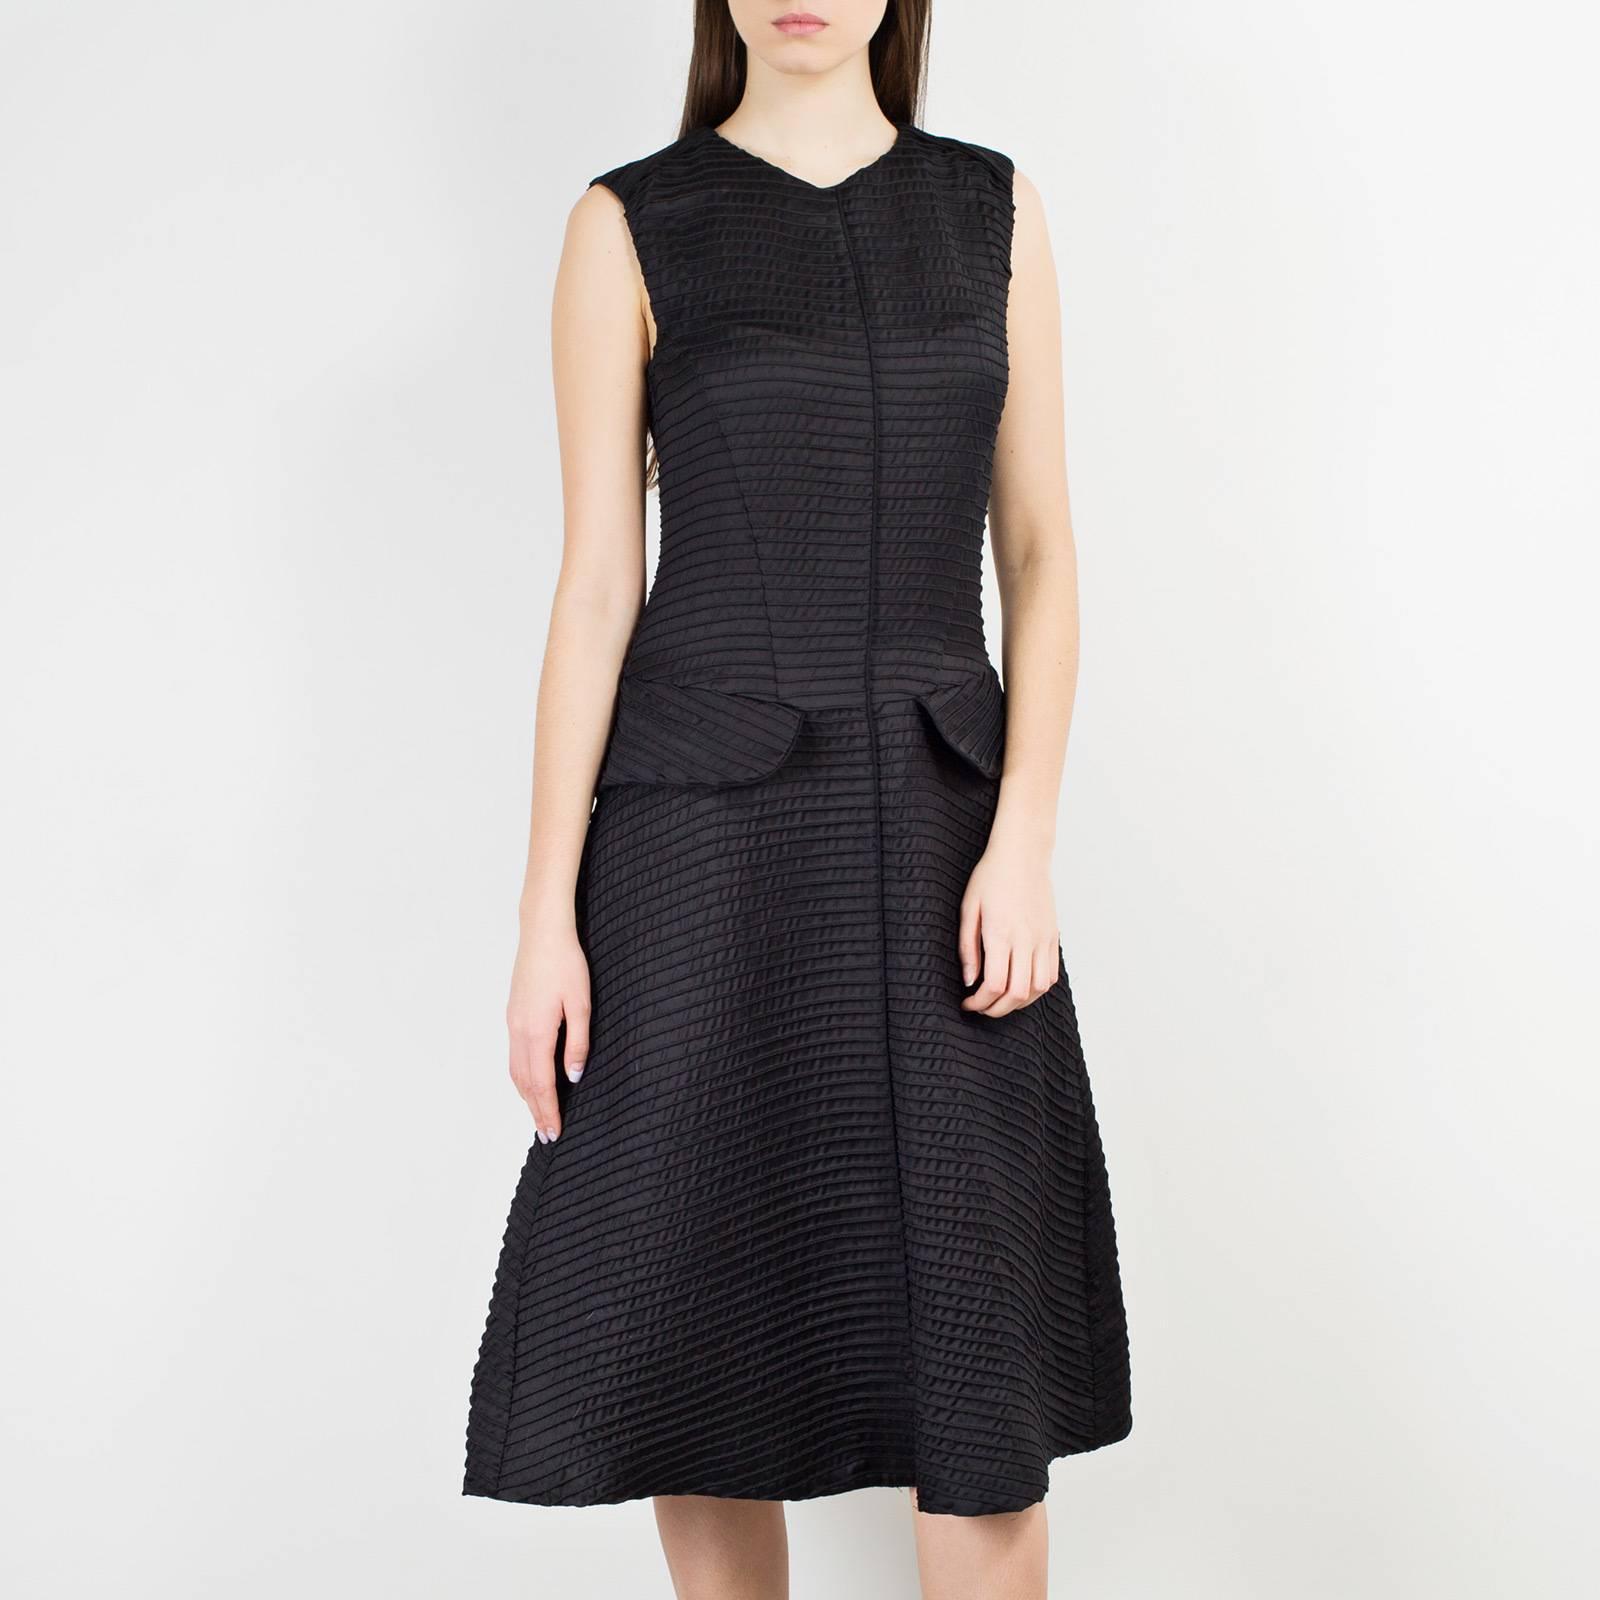 Купить платье Marni в Москве с доставкой по цене 6300 рублей ... 3cefc3a7efb